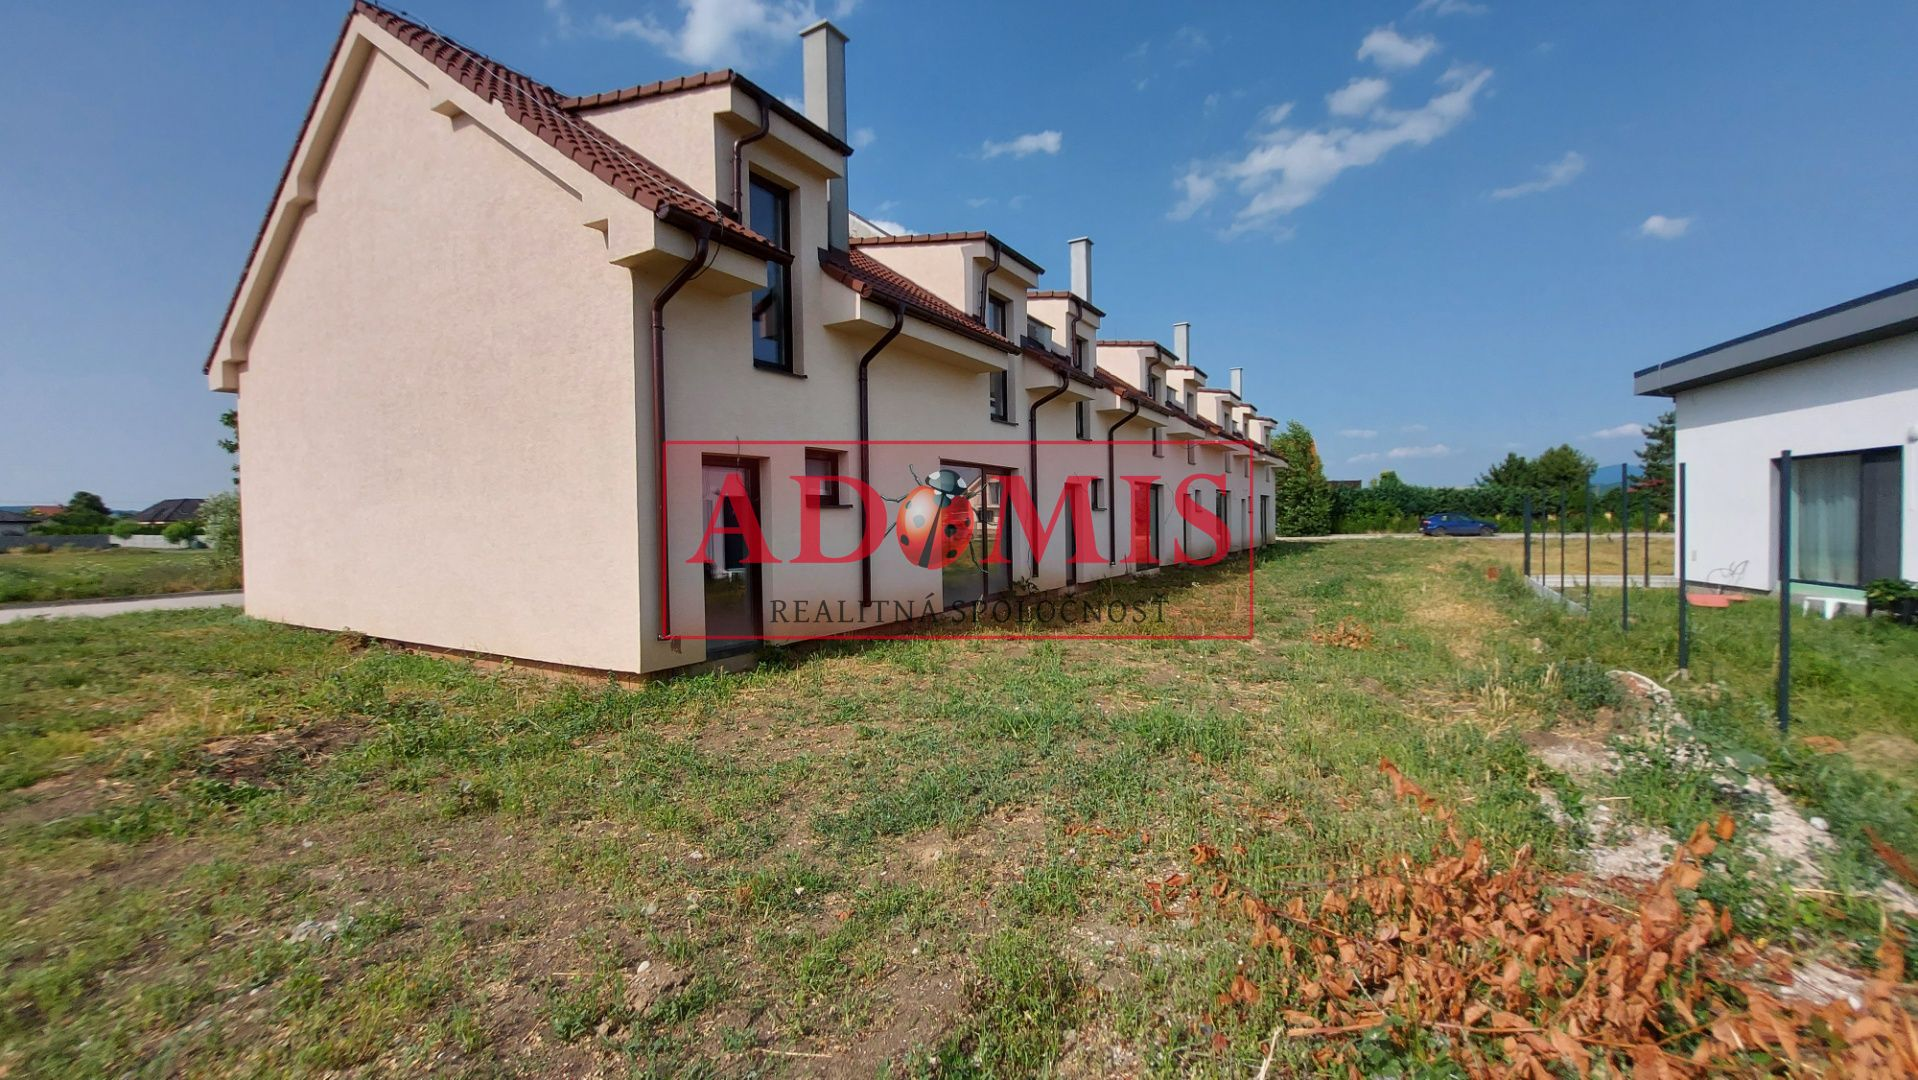 ADOMIS - 4-izbový byt 2-podlažný, NOVOSTAVBA, radovka, záhradka,128m2, Košice - Krásna